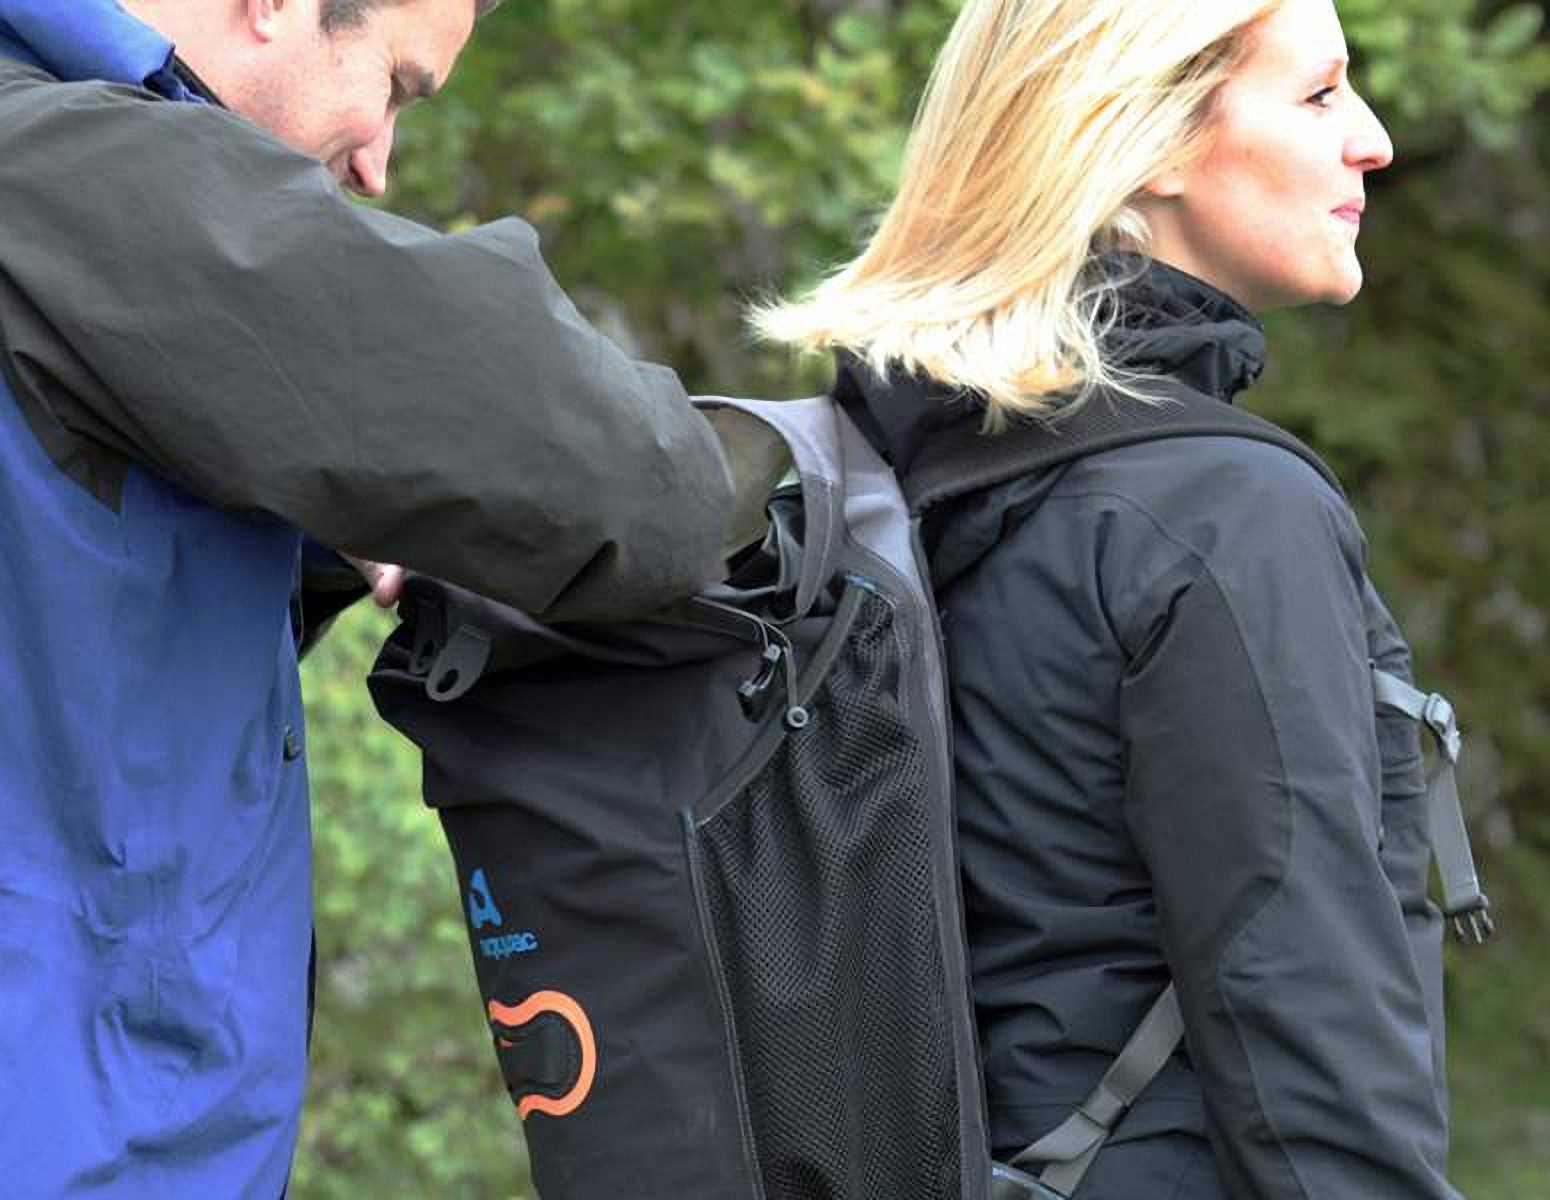 Водонепроницаемый рюкзак Aquapac 787 - Wet & Dry Backpack - 15L.. Aquapac - №1 в мире водонепроницаемых чехлов и сумок. Фото 4